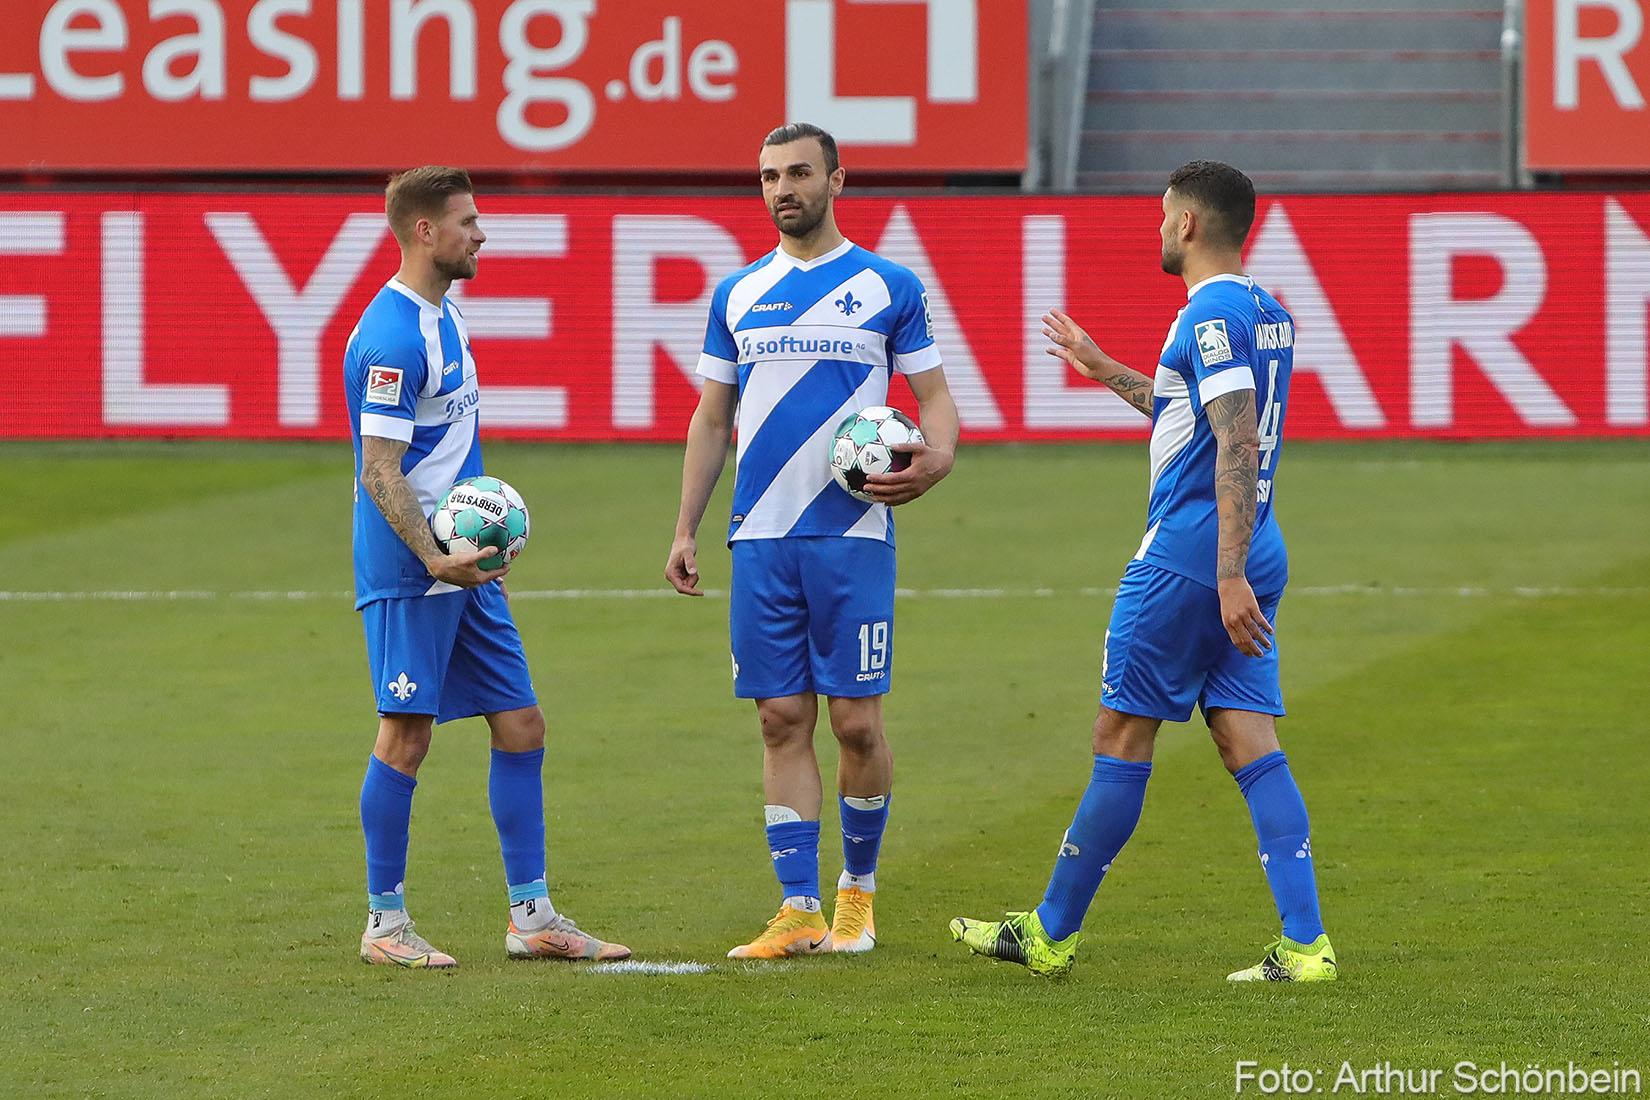 Unsere Bilder vom Spiel gegen die Würzburger Kickers